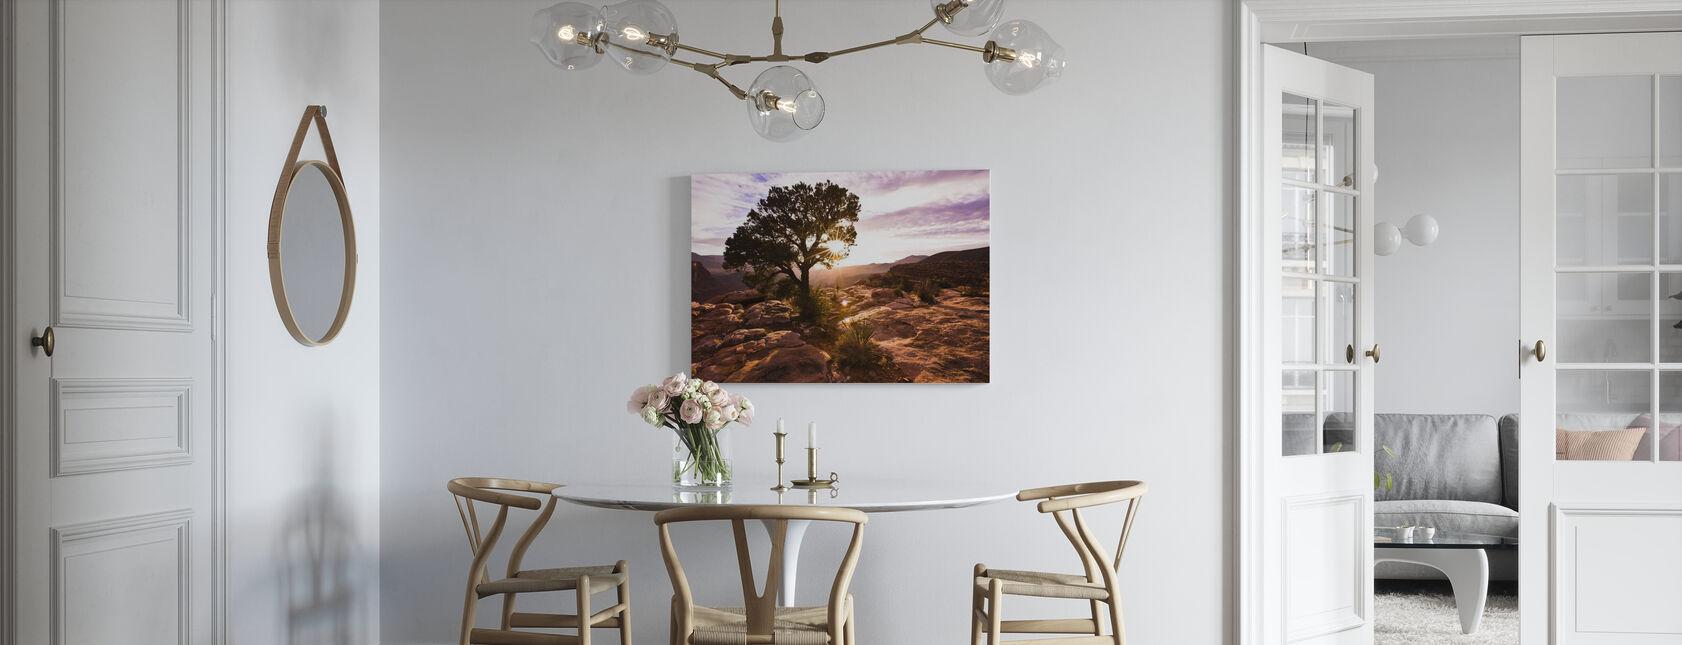 Toroweap Overlook - Canvastaulu - Keittiö